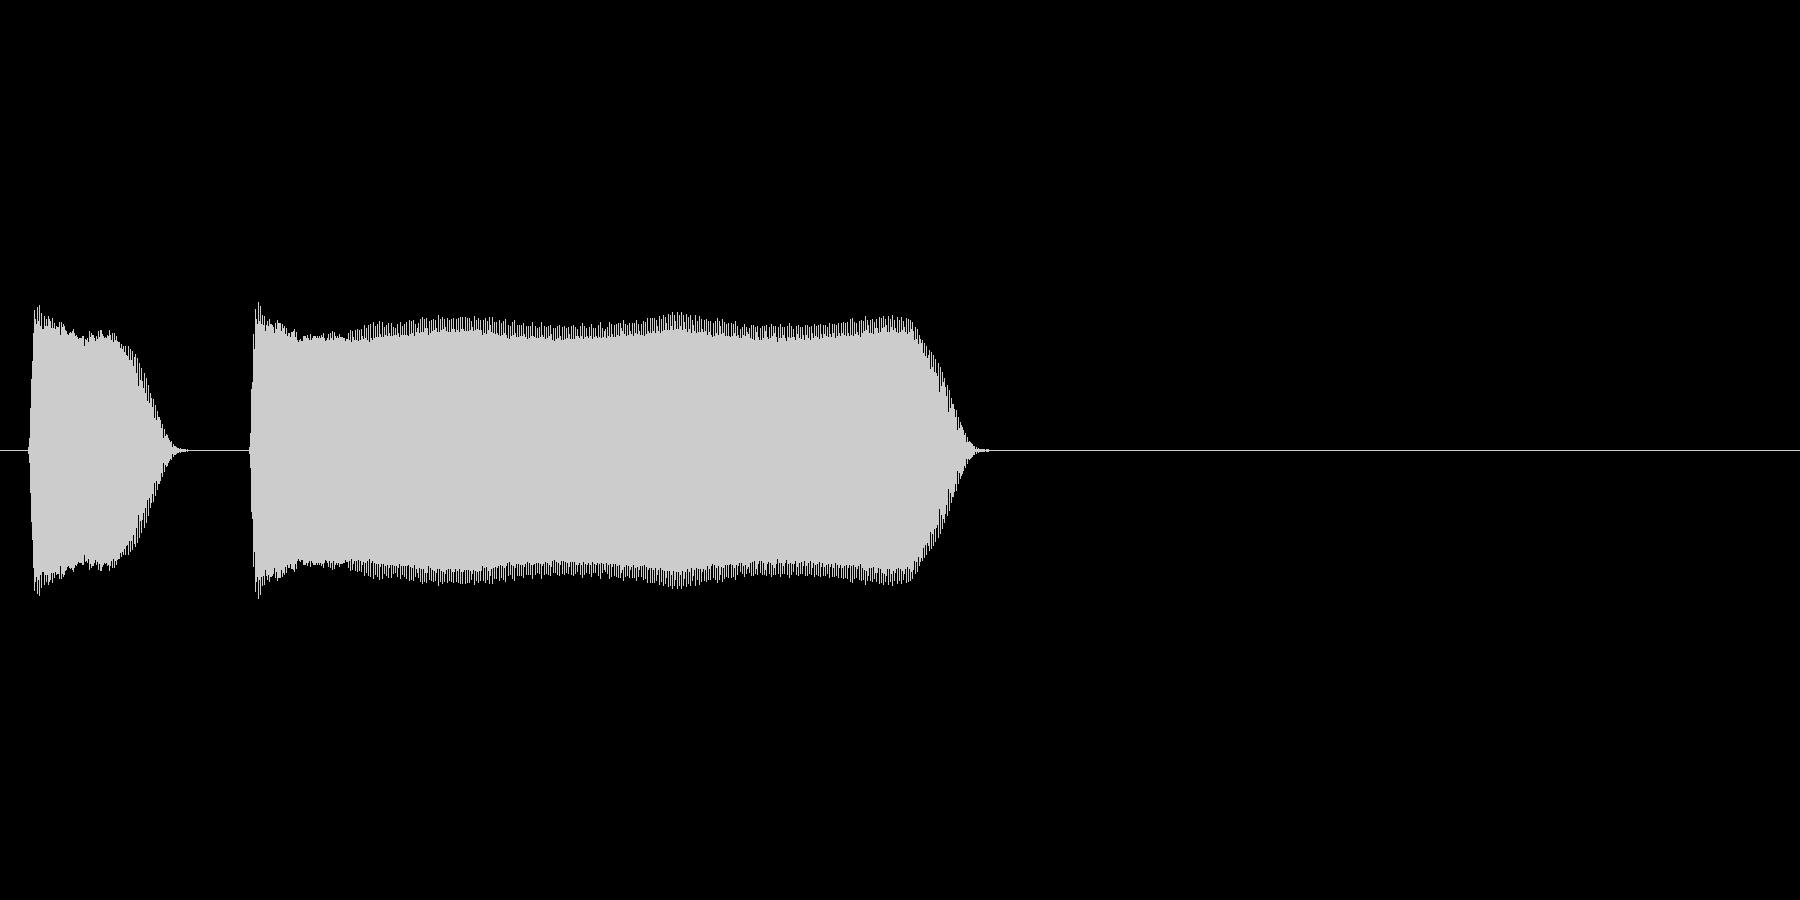 プップー(クラクション、車)の未再生の波形